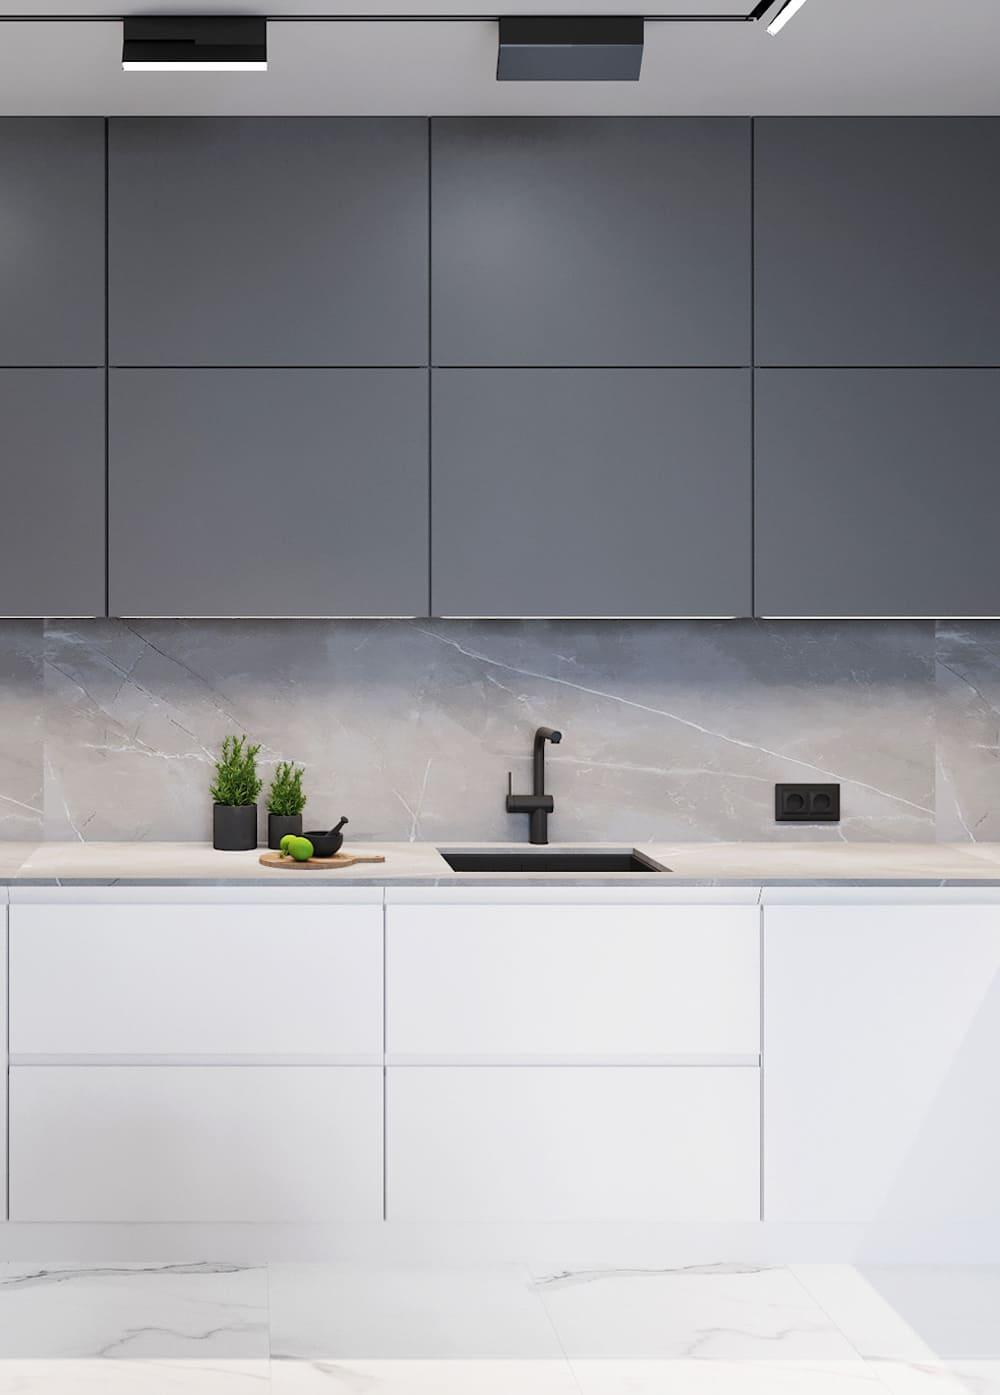 дизайн кухни в современном стиле фото 52